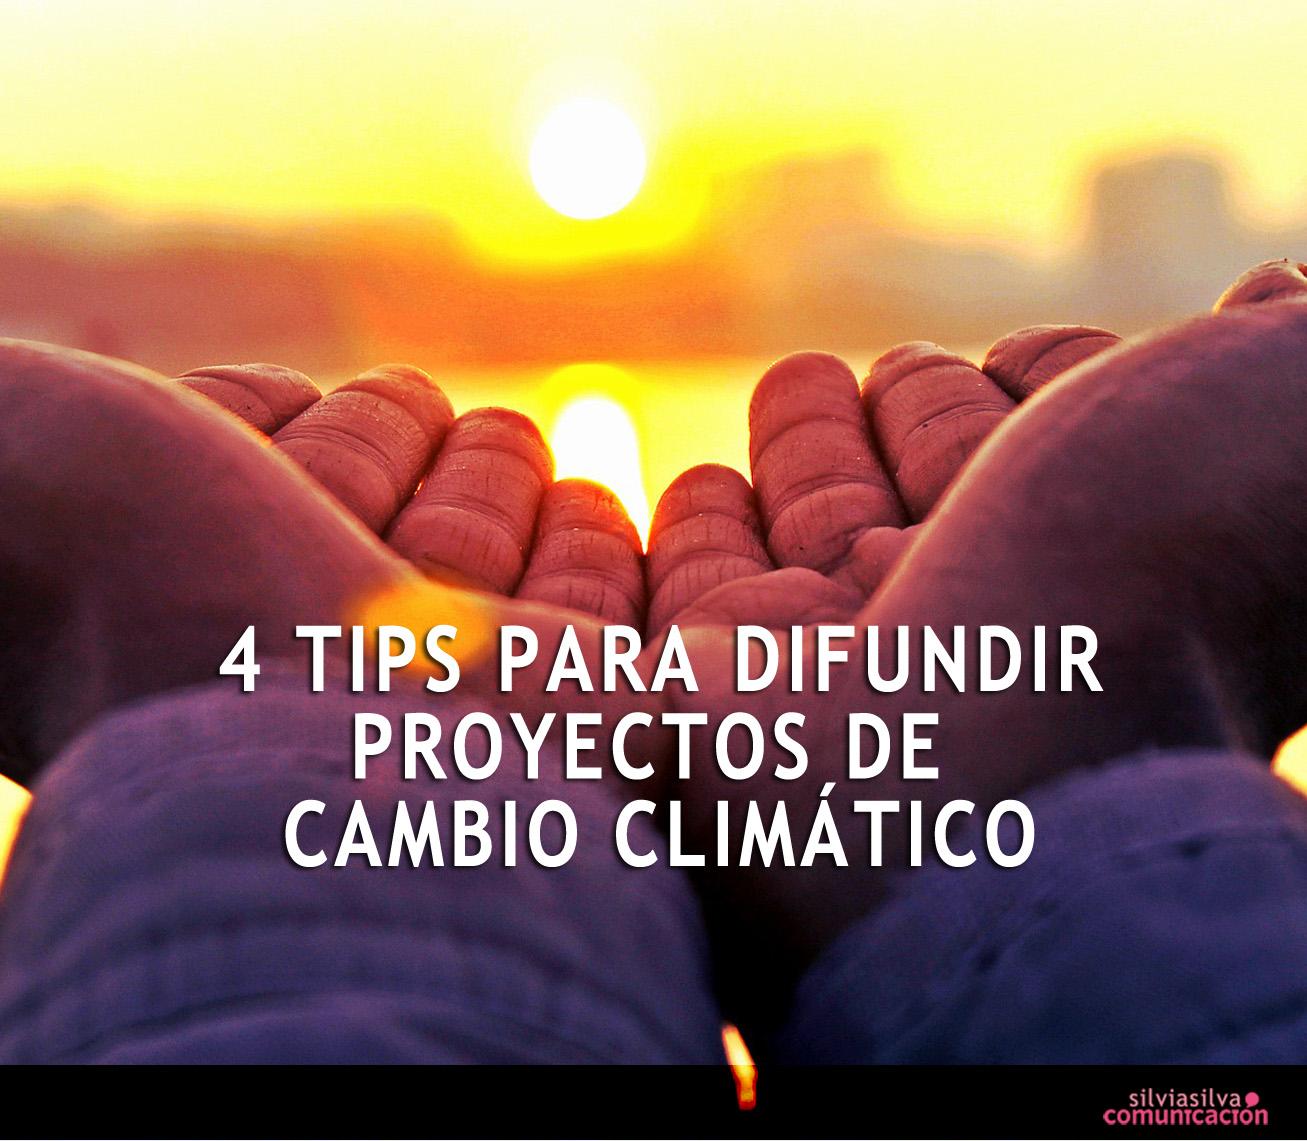 comunicación sobre cambio climático